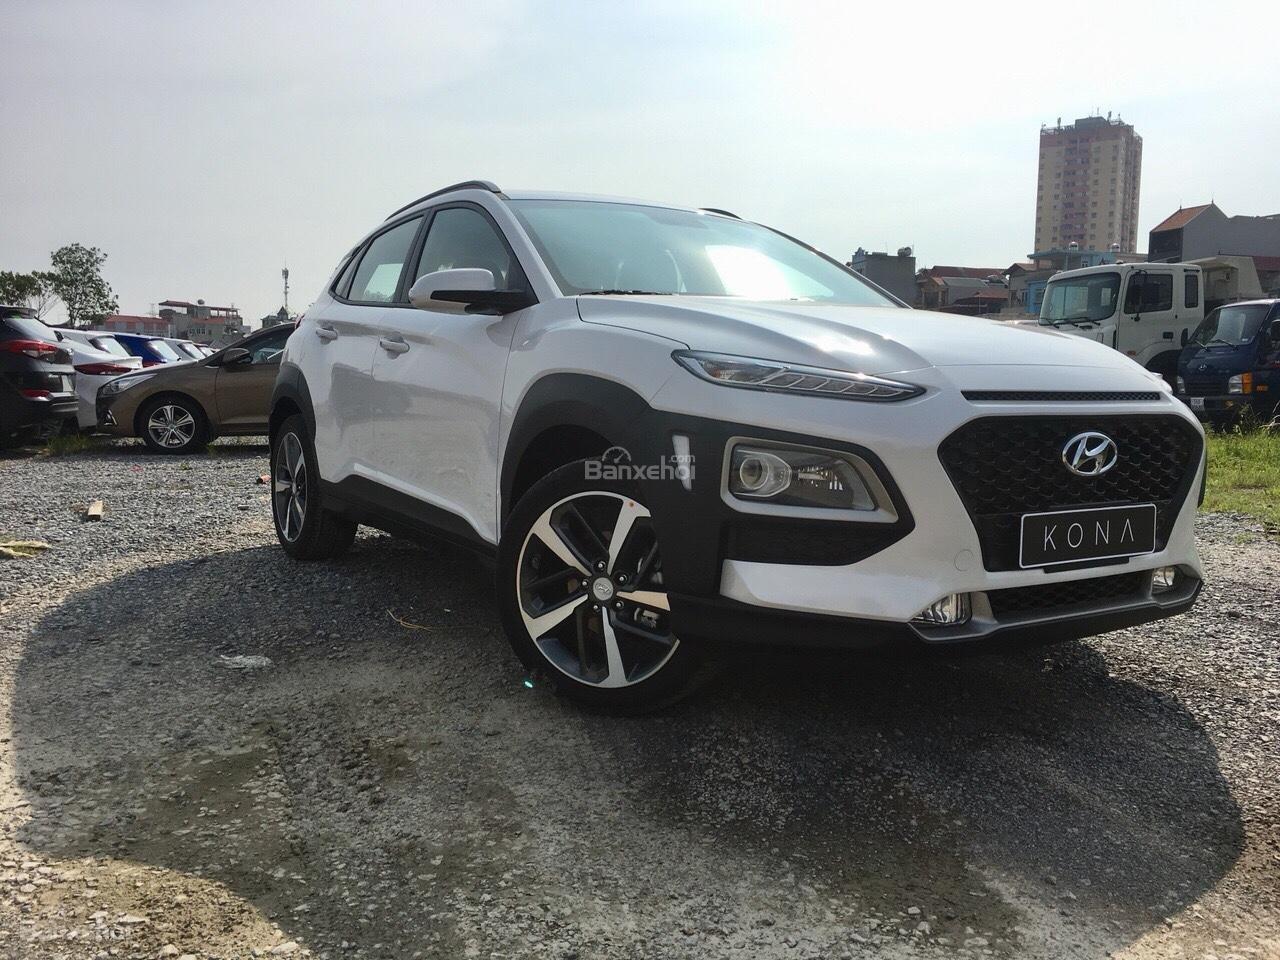 Hyundai Kona 2018 nhập nguyên chiếc, giao ngay, KM cực cao, trả góp 90%, giao ngay, lh ngay: 0981476777 để ép giá-1